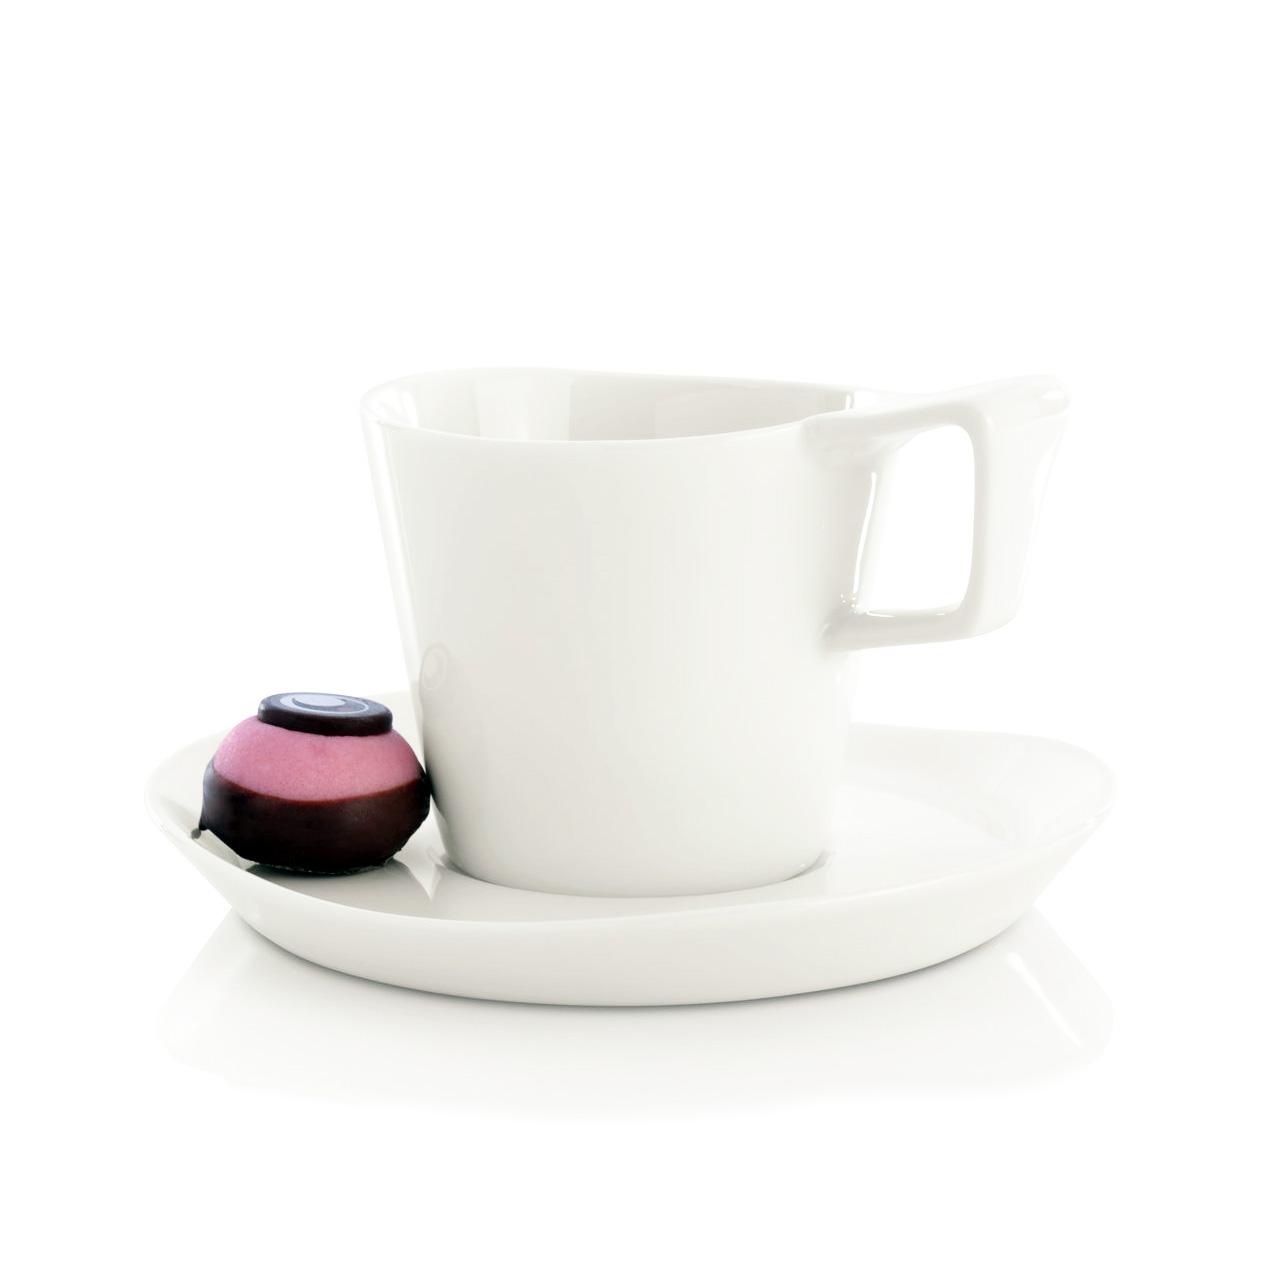 Фото Набор чашек для кофе с блюдцем 180 мл BergHOFF Eclipse 2 шт